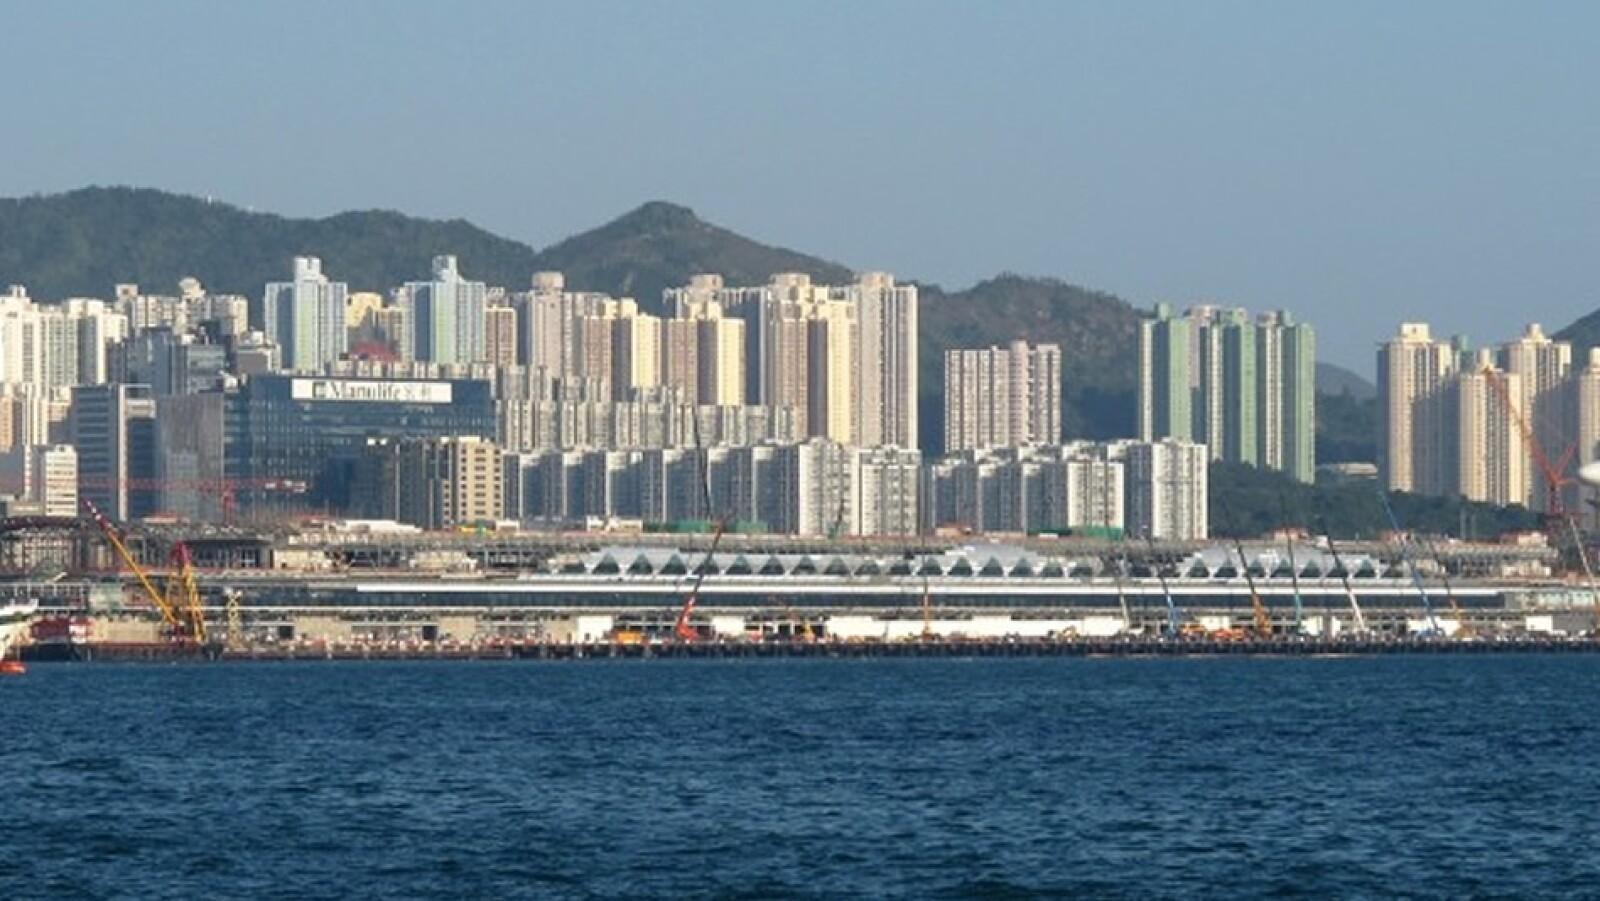 Hong Kong Kai Tak Cruise Terminal